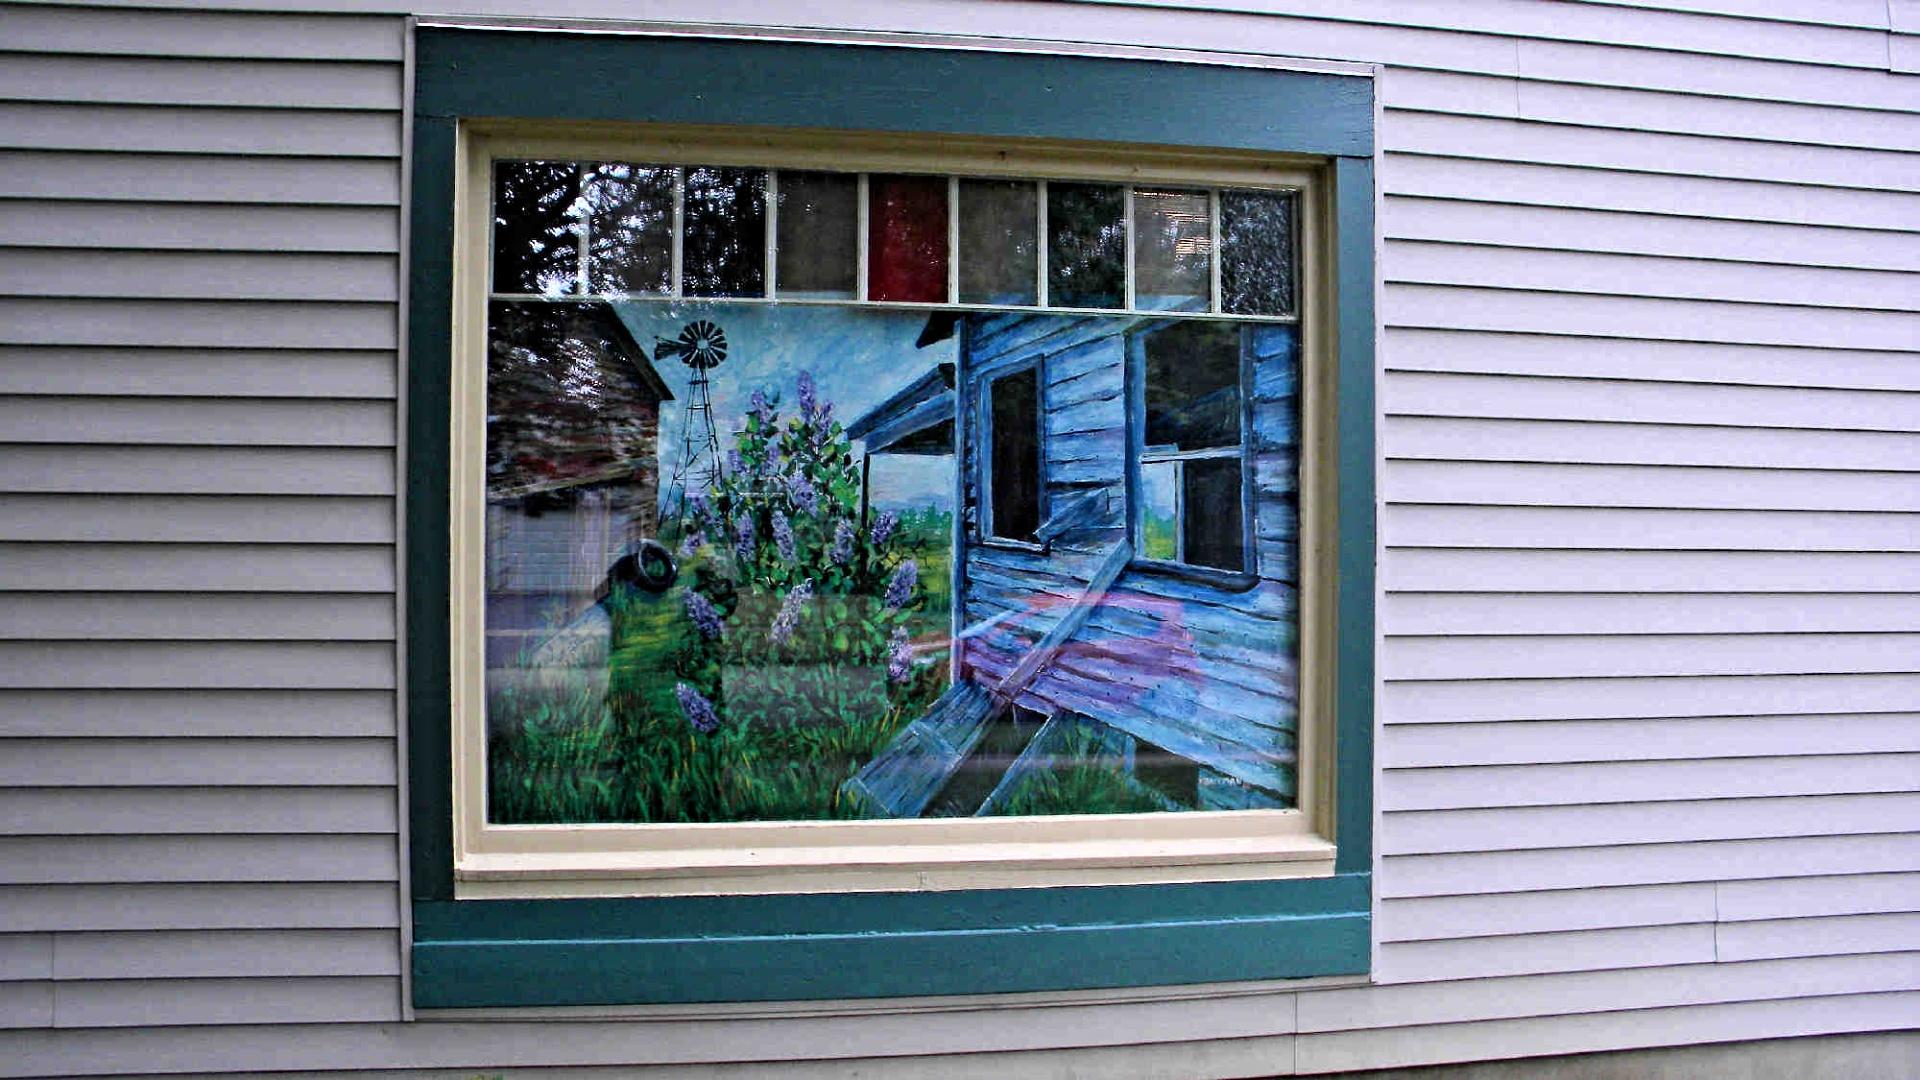 MY GARAGE WINDOW GALLERY